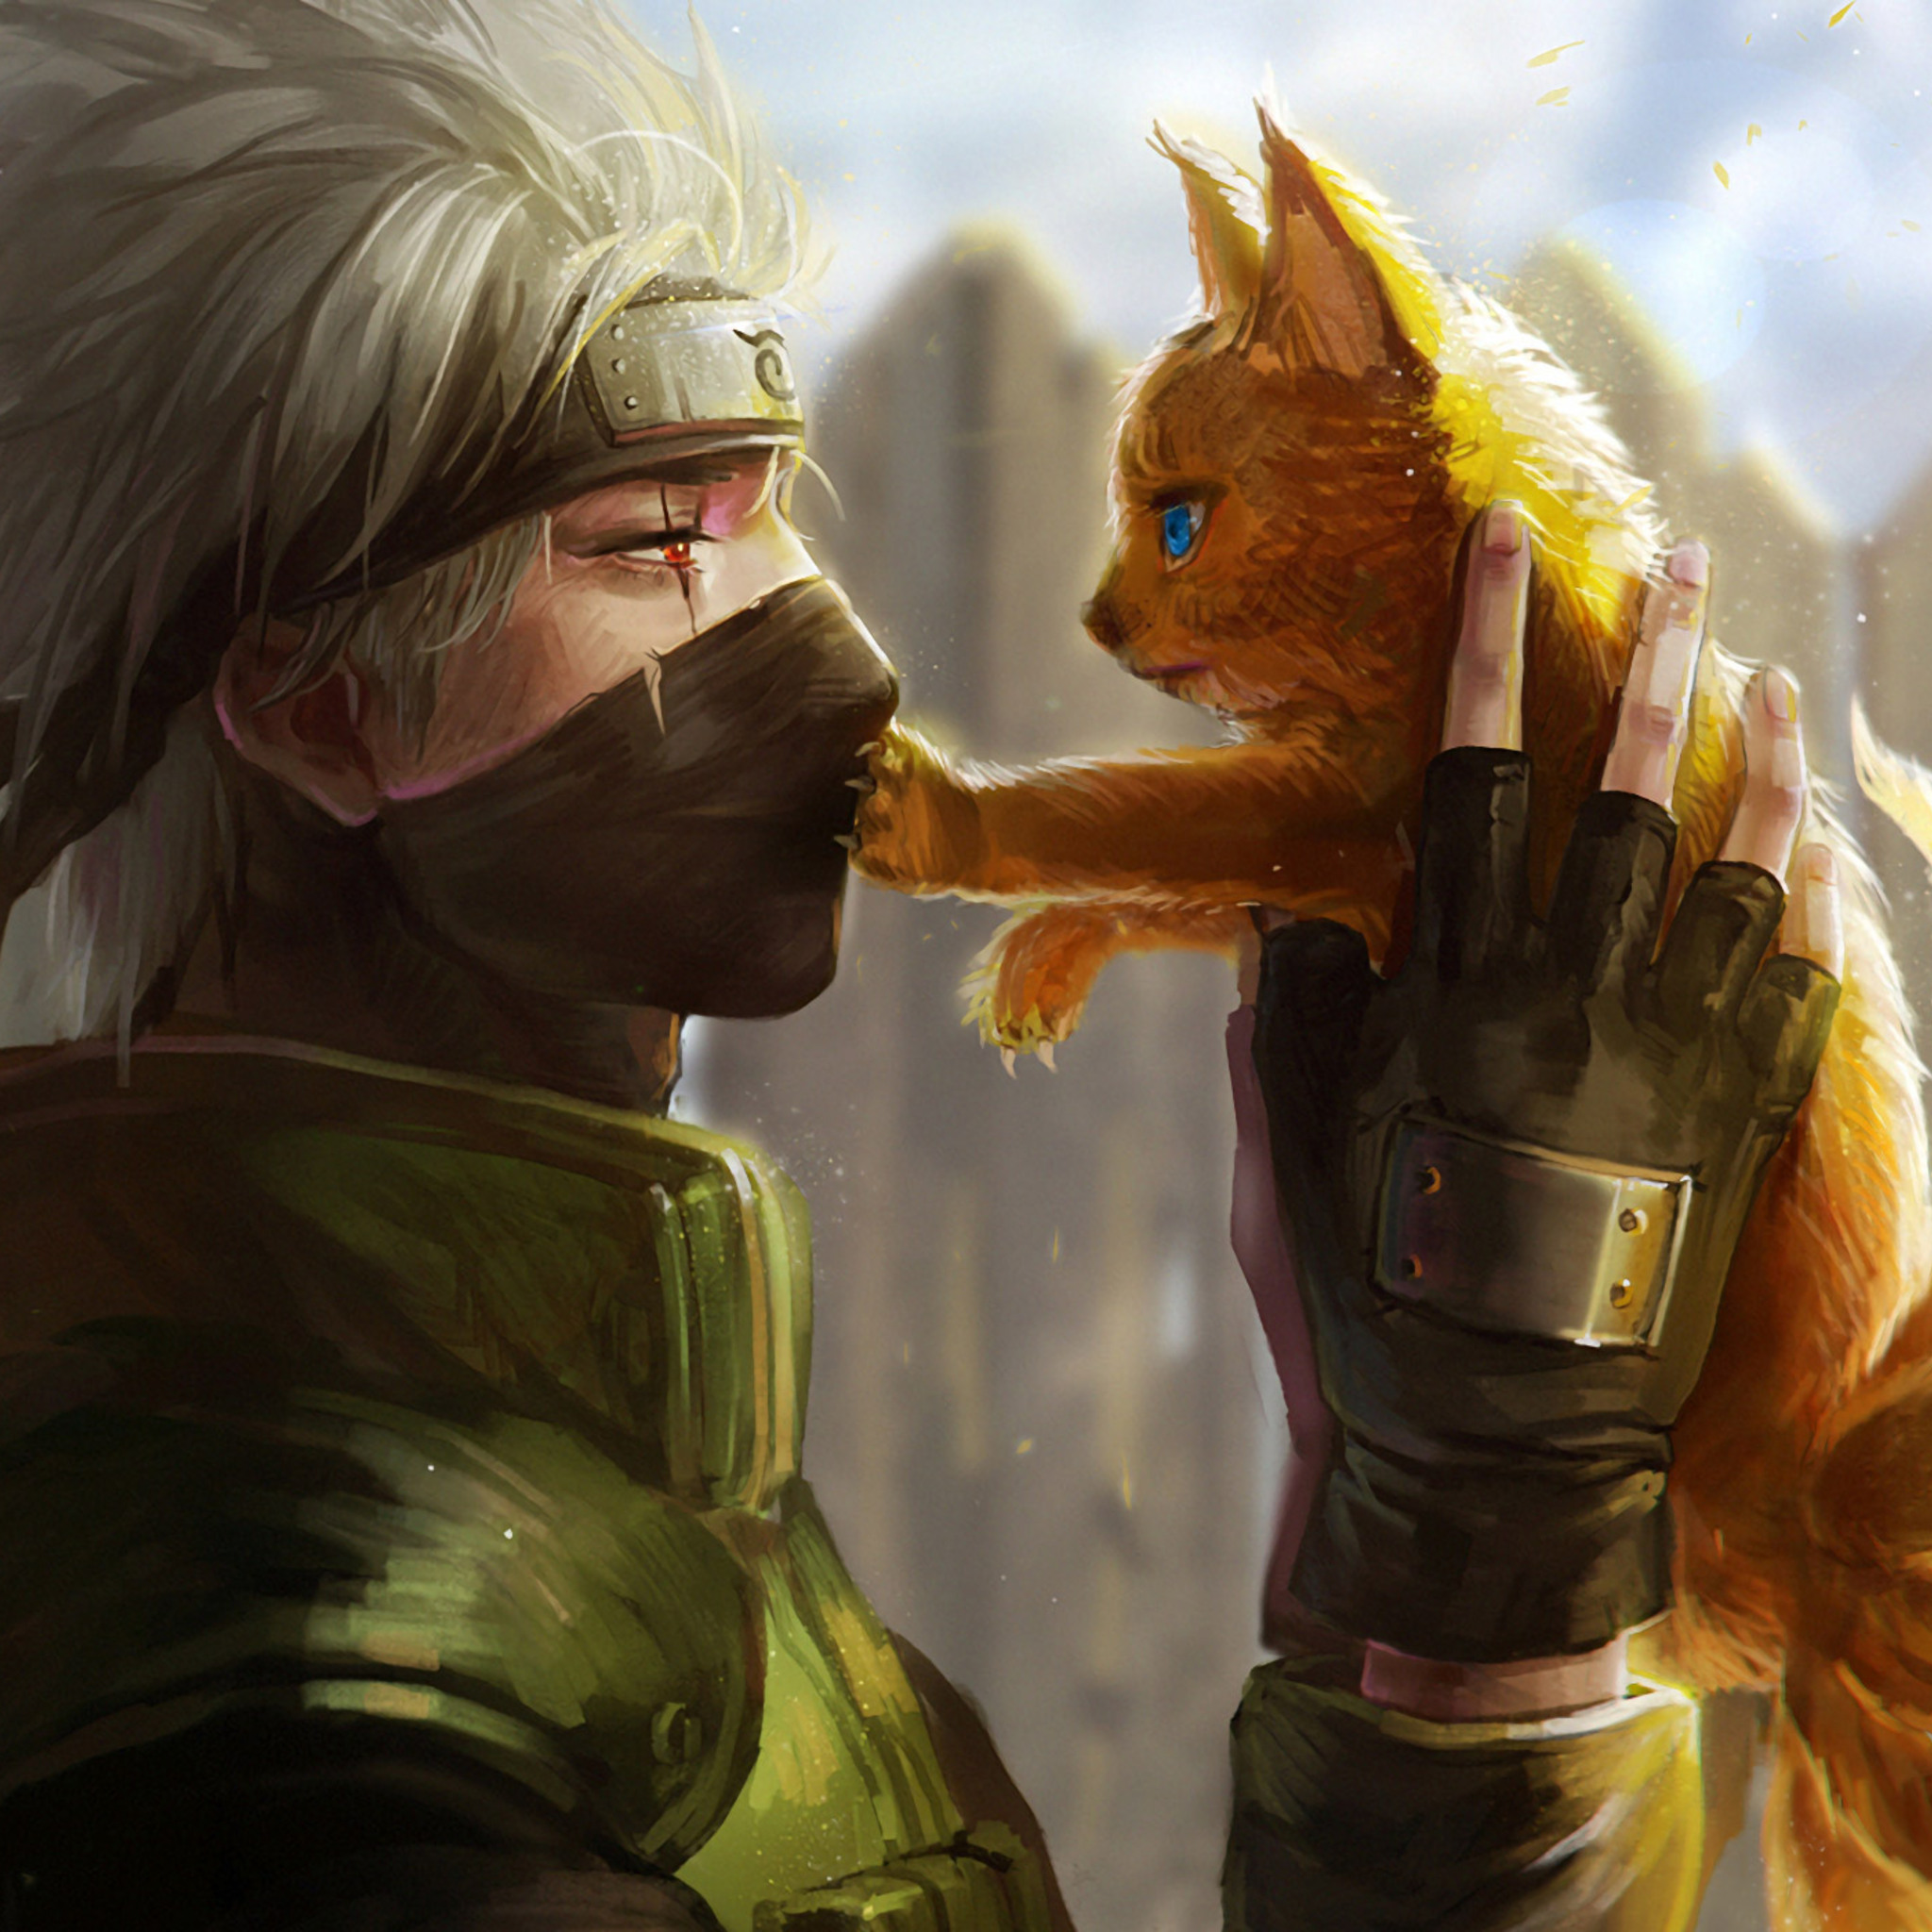 Popular Wallpaper Naruto Ipad - naruto-anime-on-2048x2048  Perfect Image Reference_32072.jpg